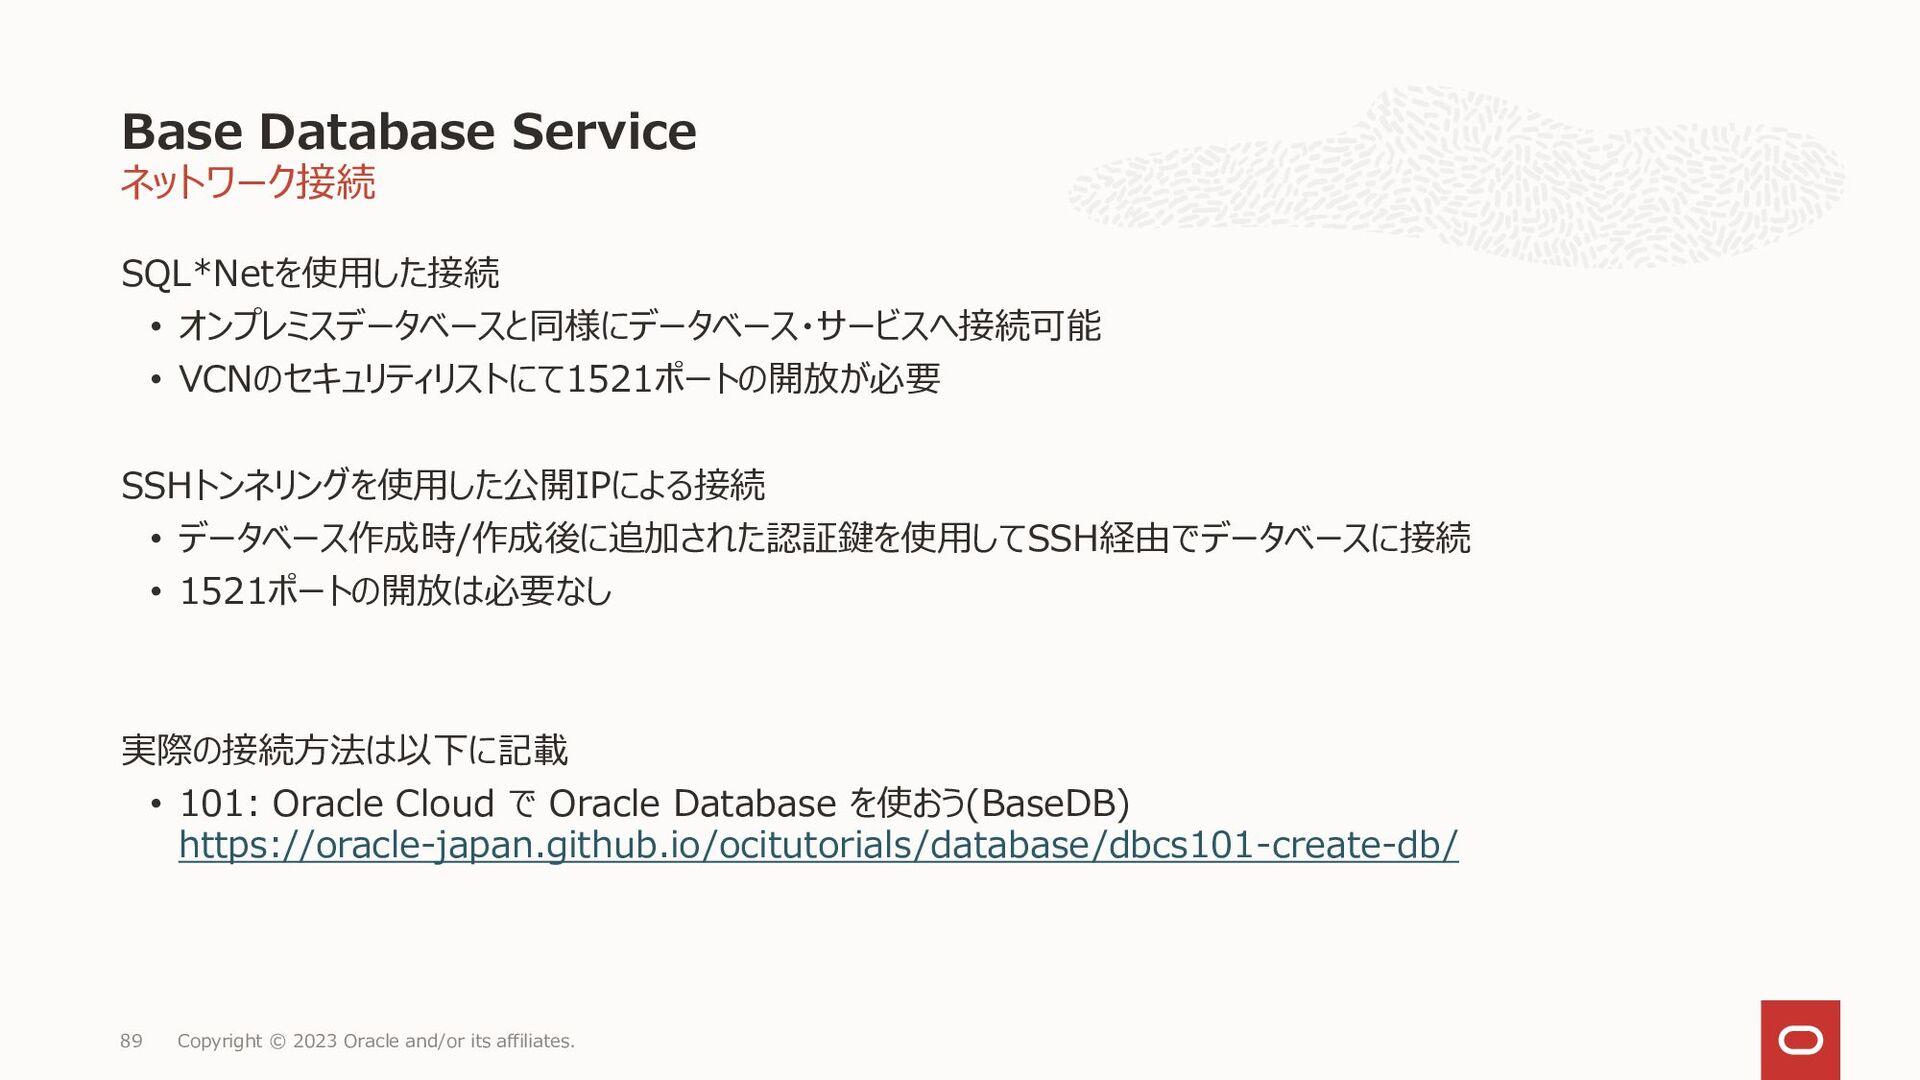 89 1コアからスタート、ベアメタル、RACまで、幅広いサービスラインナップを提供 Datab...